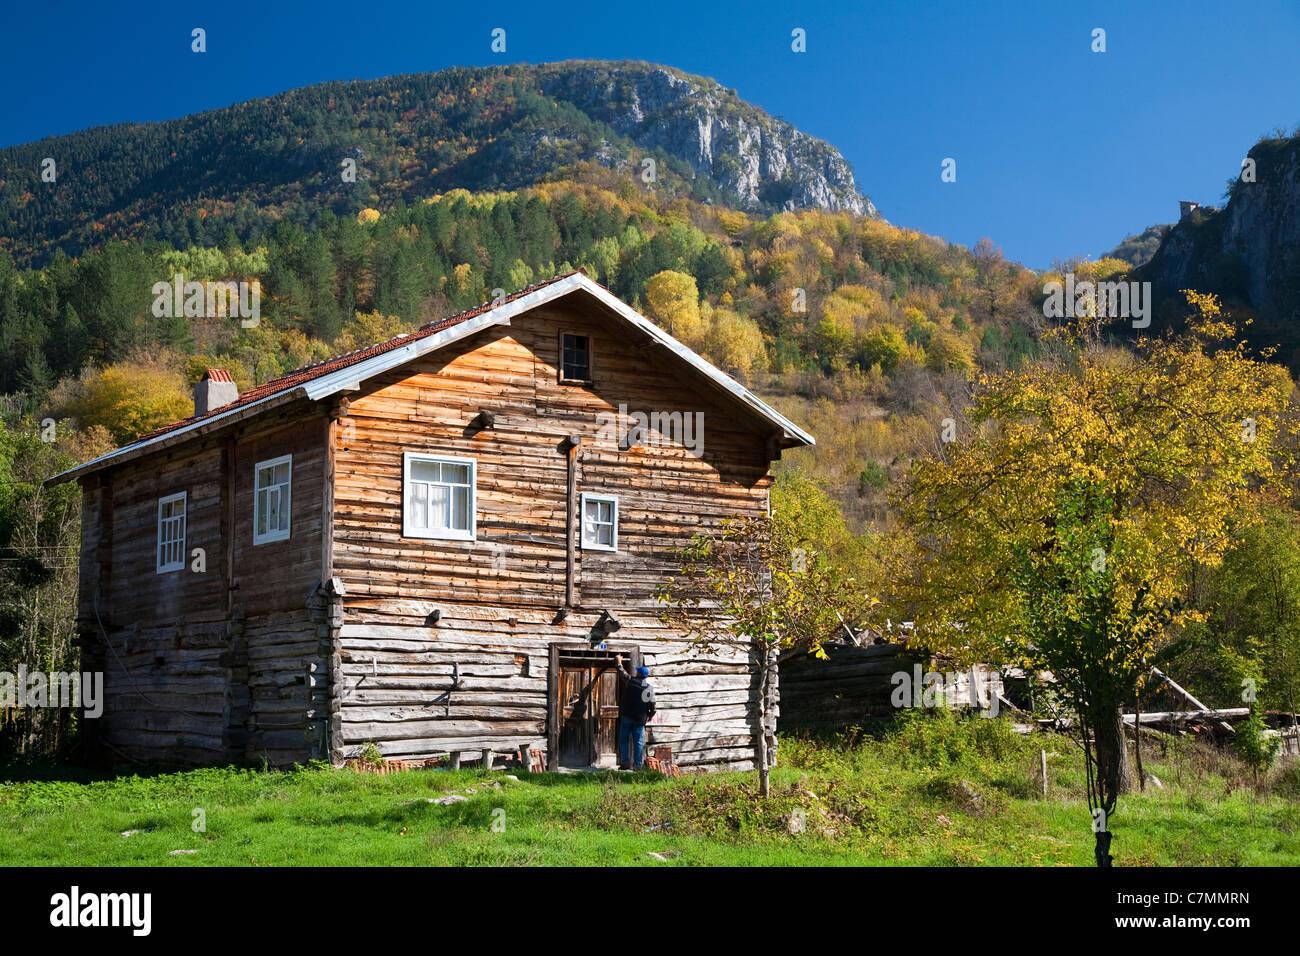 Wooden house in Azdavay Kure Mountains Kastamonu Turkey - Stock Image